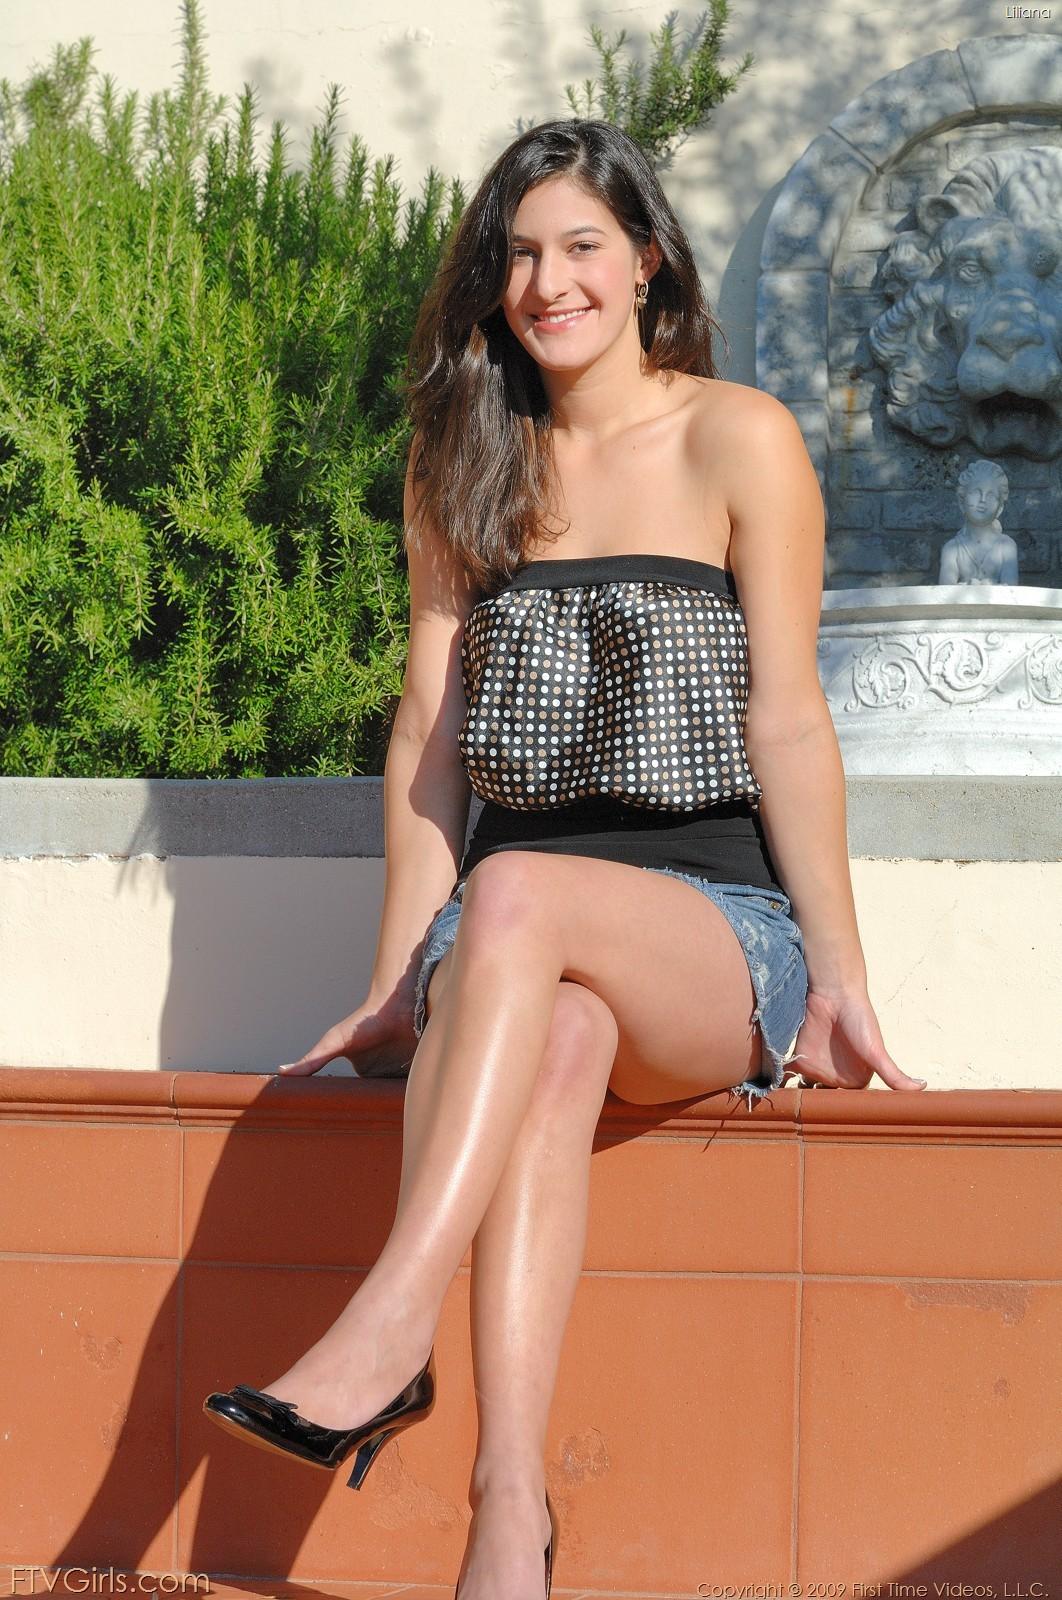 Волосатая пизда греческой модели Лилианы